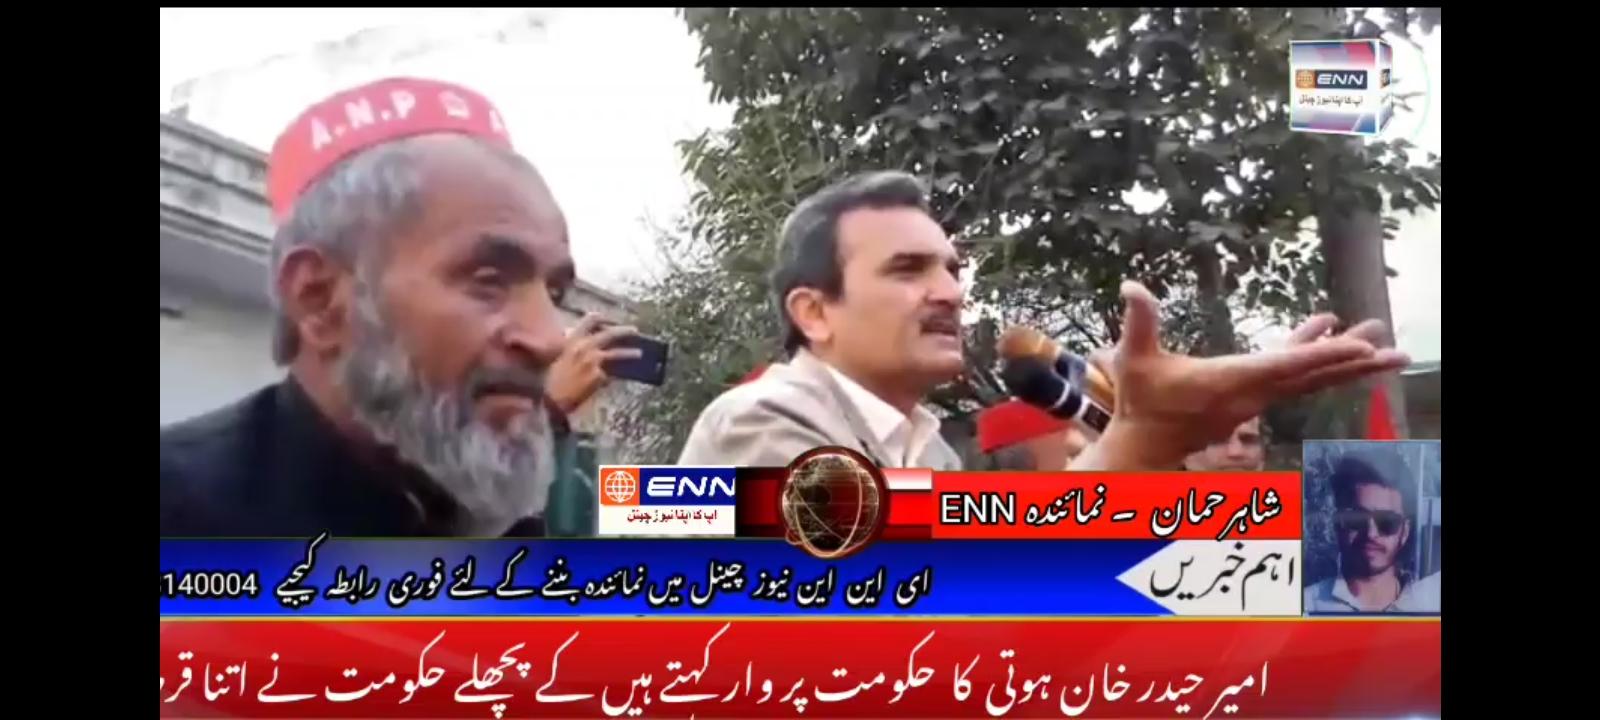 عوامی نیشنل پارٹی کے مرکزی سینیر نائب صدر امیر حیدر خان ہوتی کا اپنے یونیین کونسل Pk 52  آمد کارکنان نے ان کا بھرپور استقبال کیا